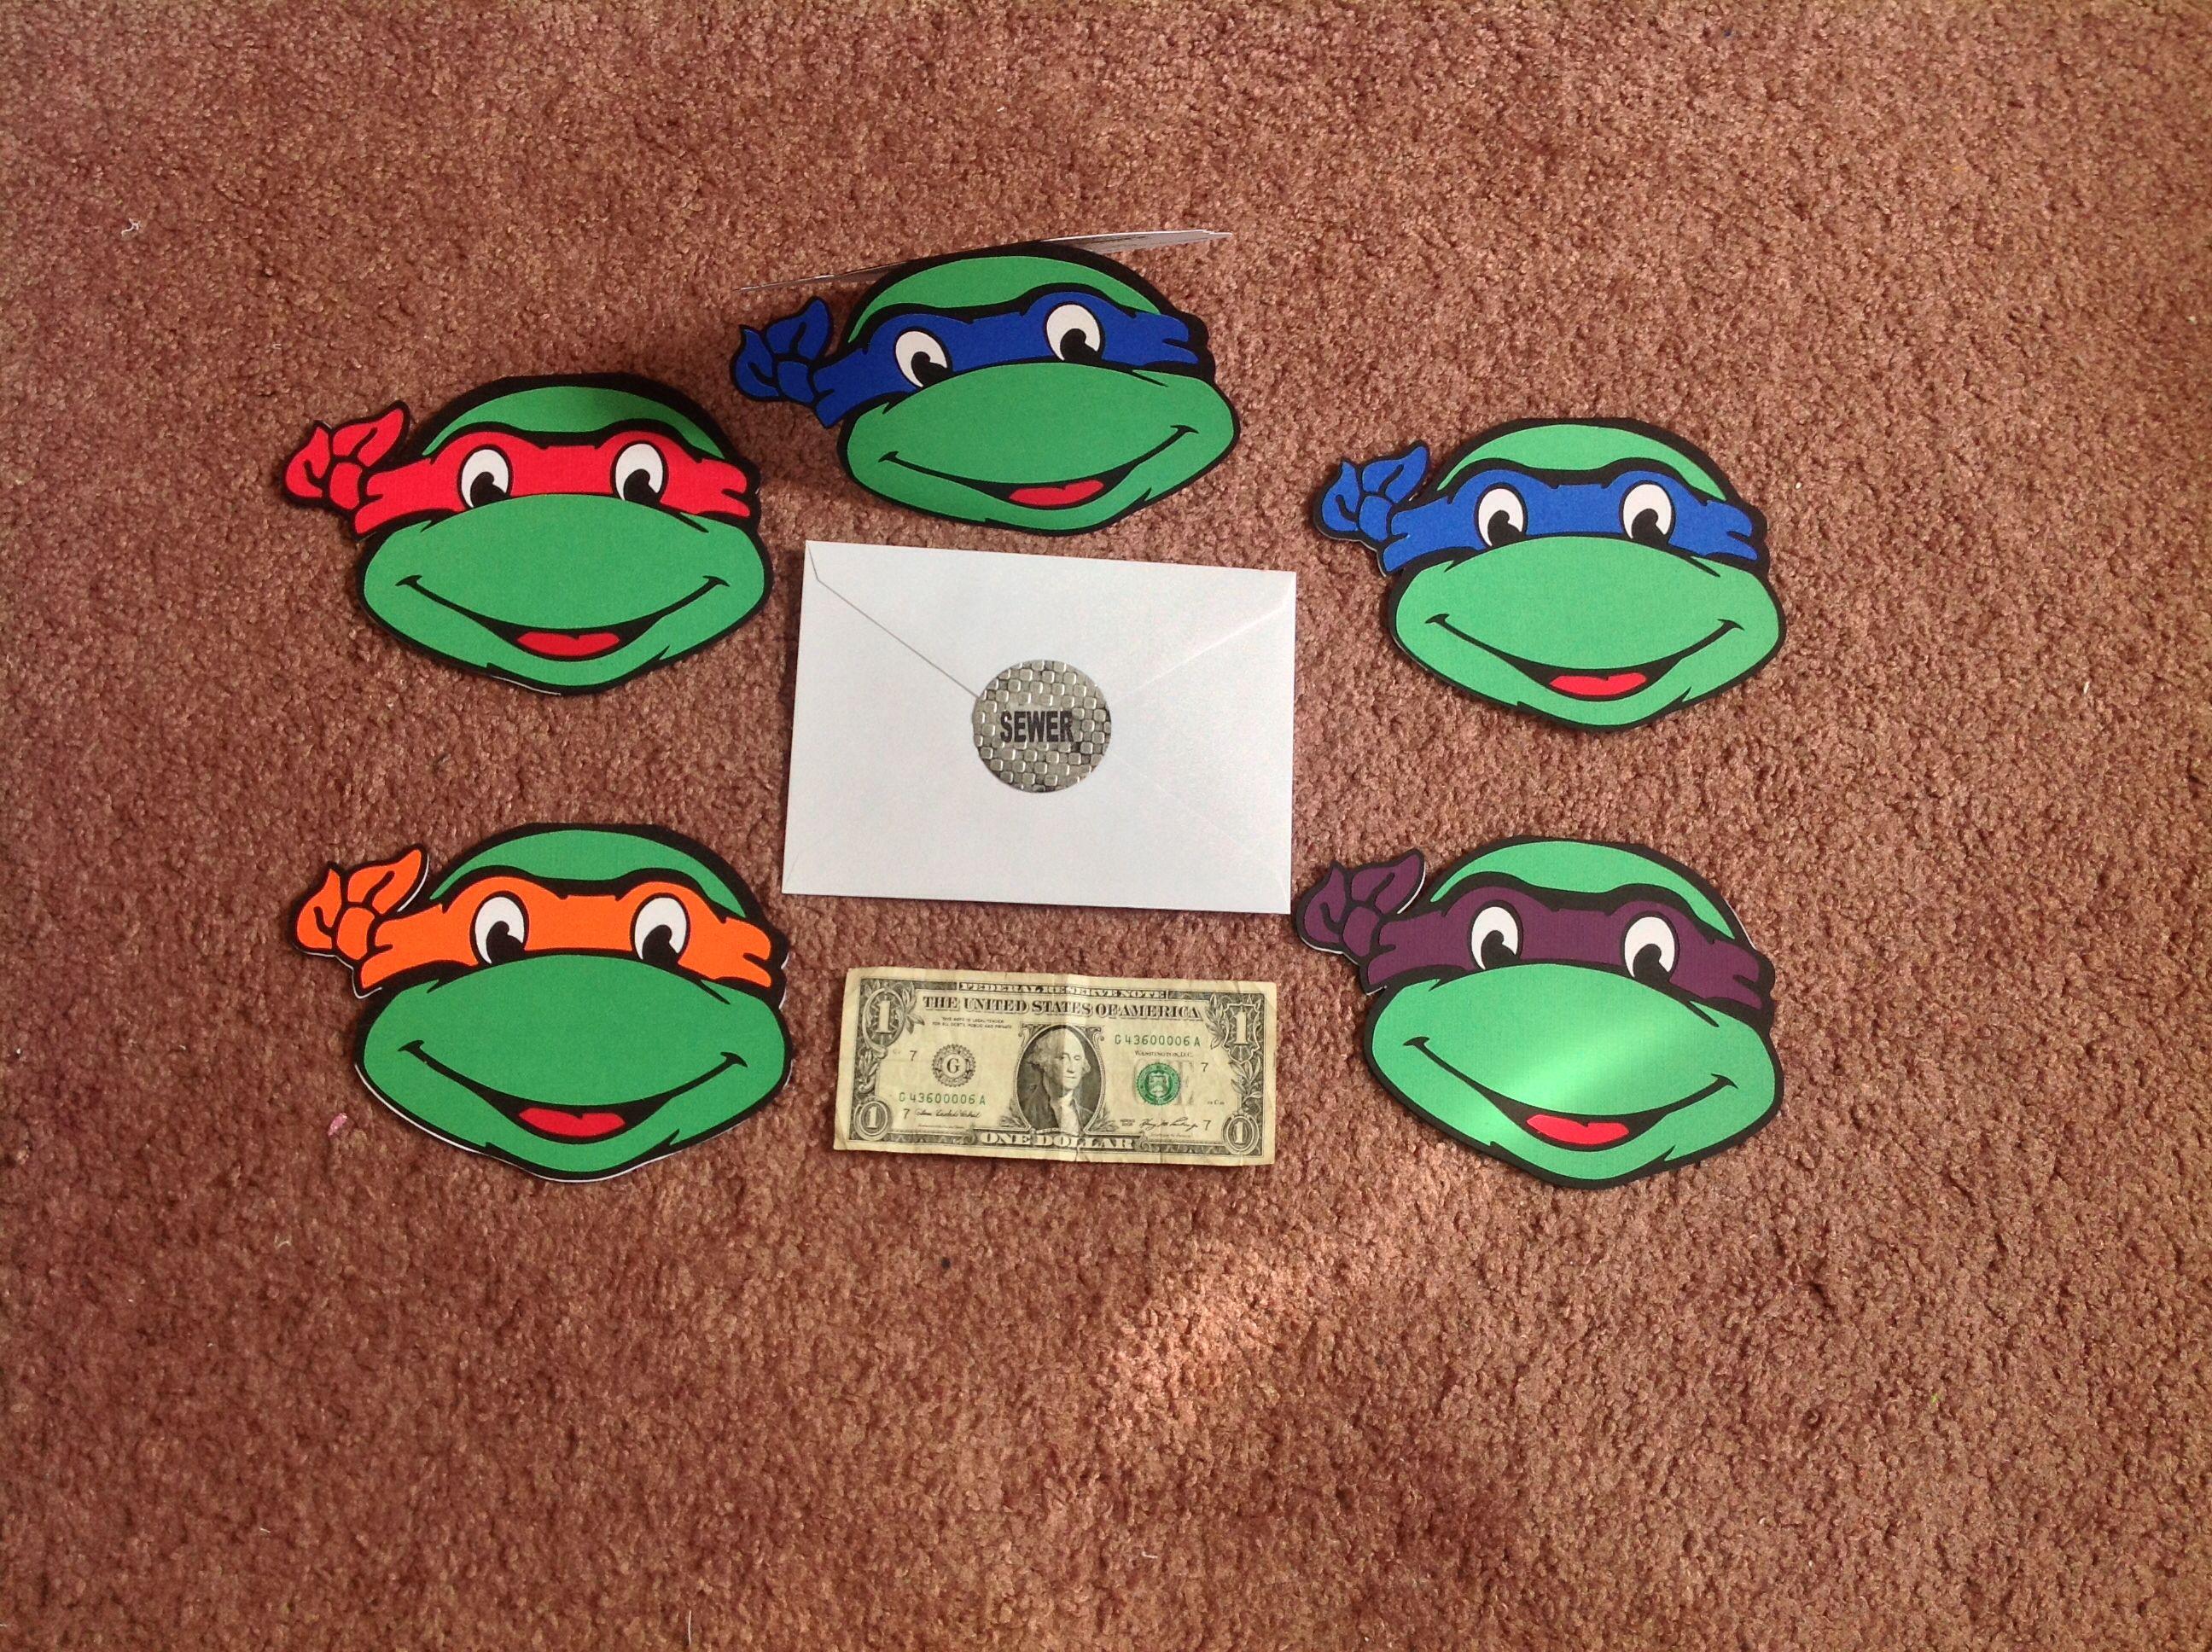 Teenage mutant ninja turtles invitations – Teenage Mutant Ninja Turtle Party Invitations